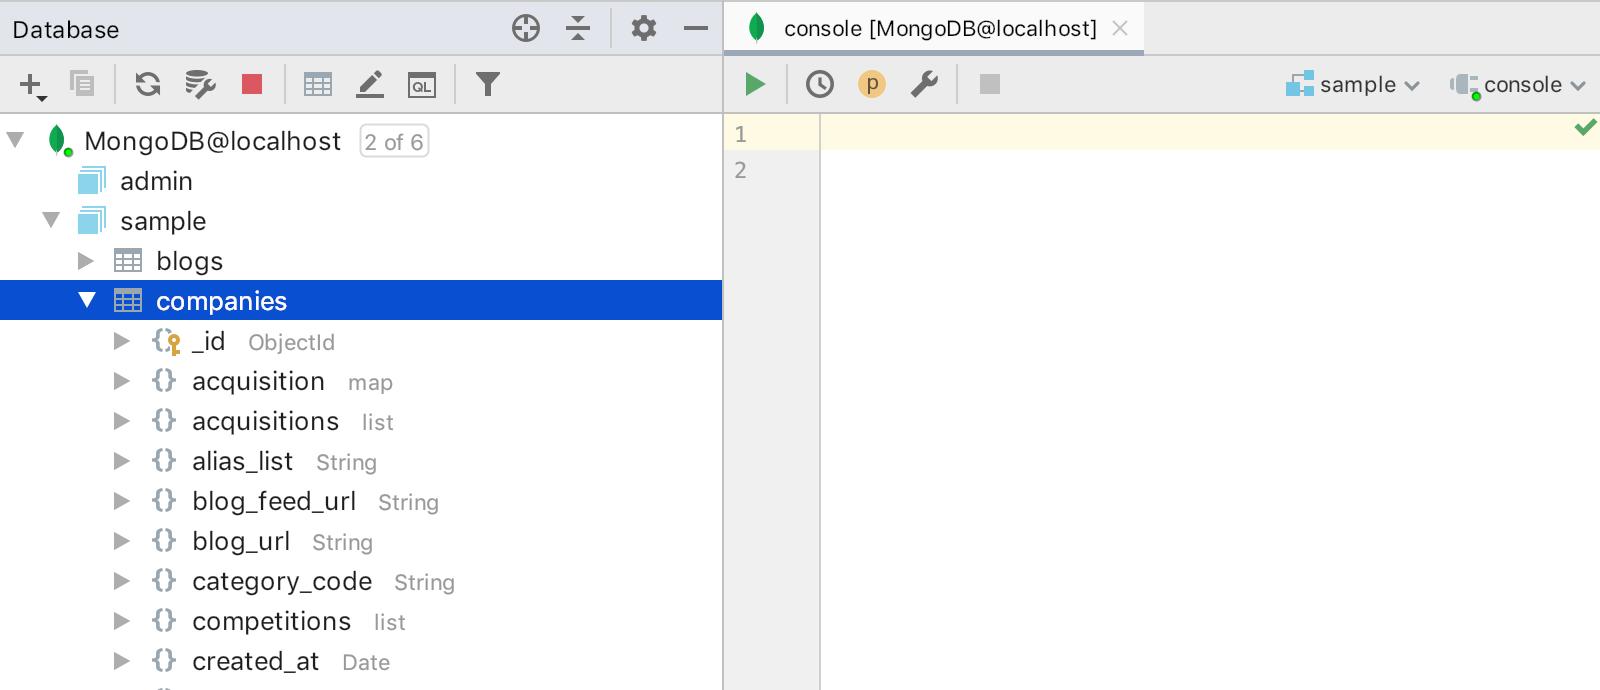 mongodb-collections